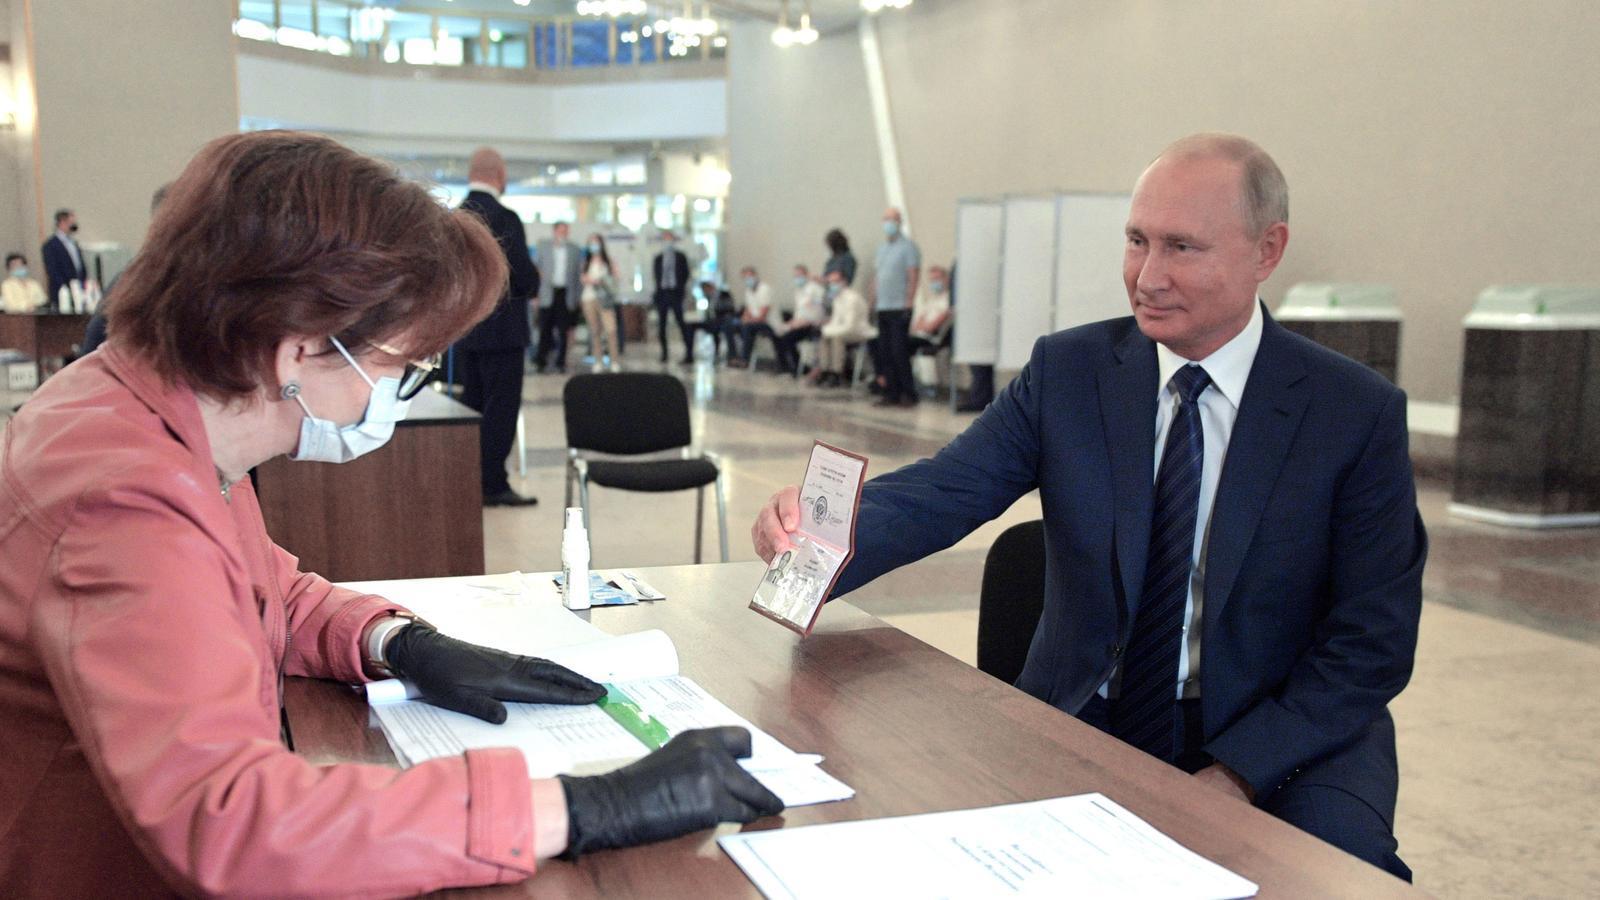 El president rus Vladimir Putin mostra el seu passaport en un col·legi electoral de Moscou, Rússia